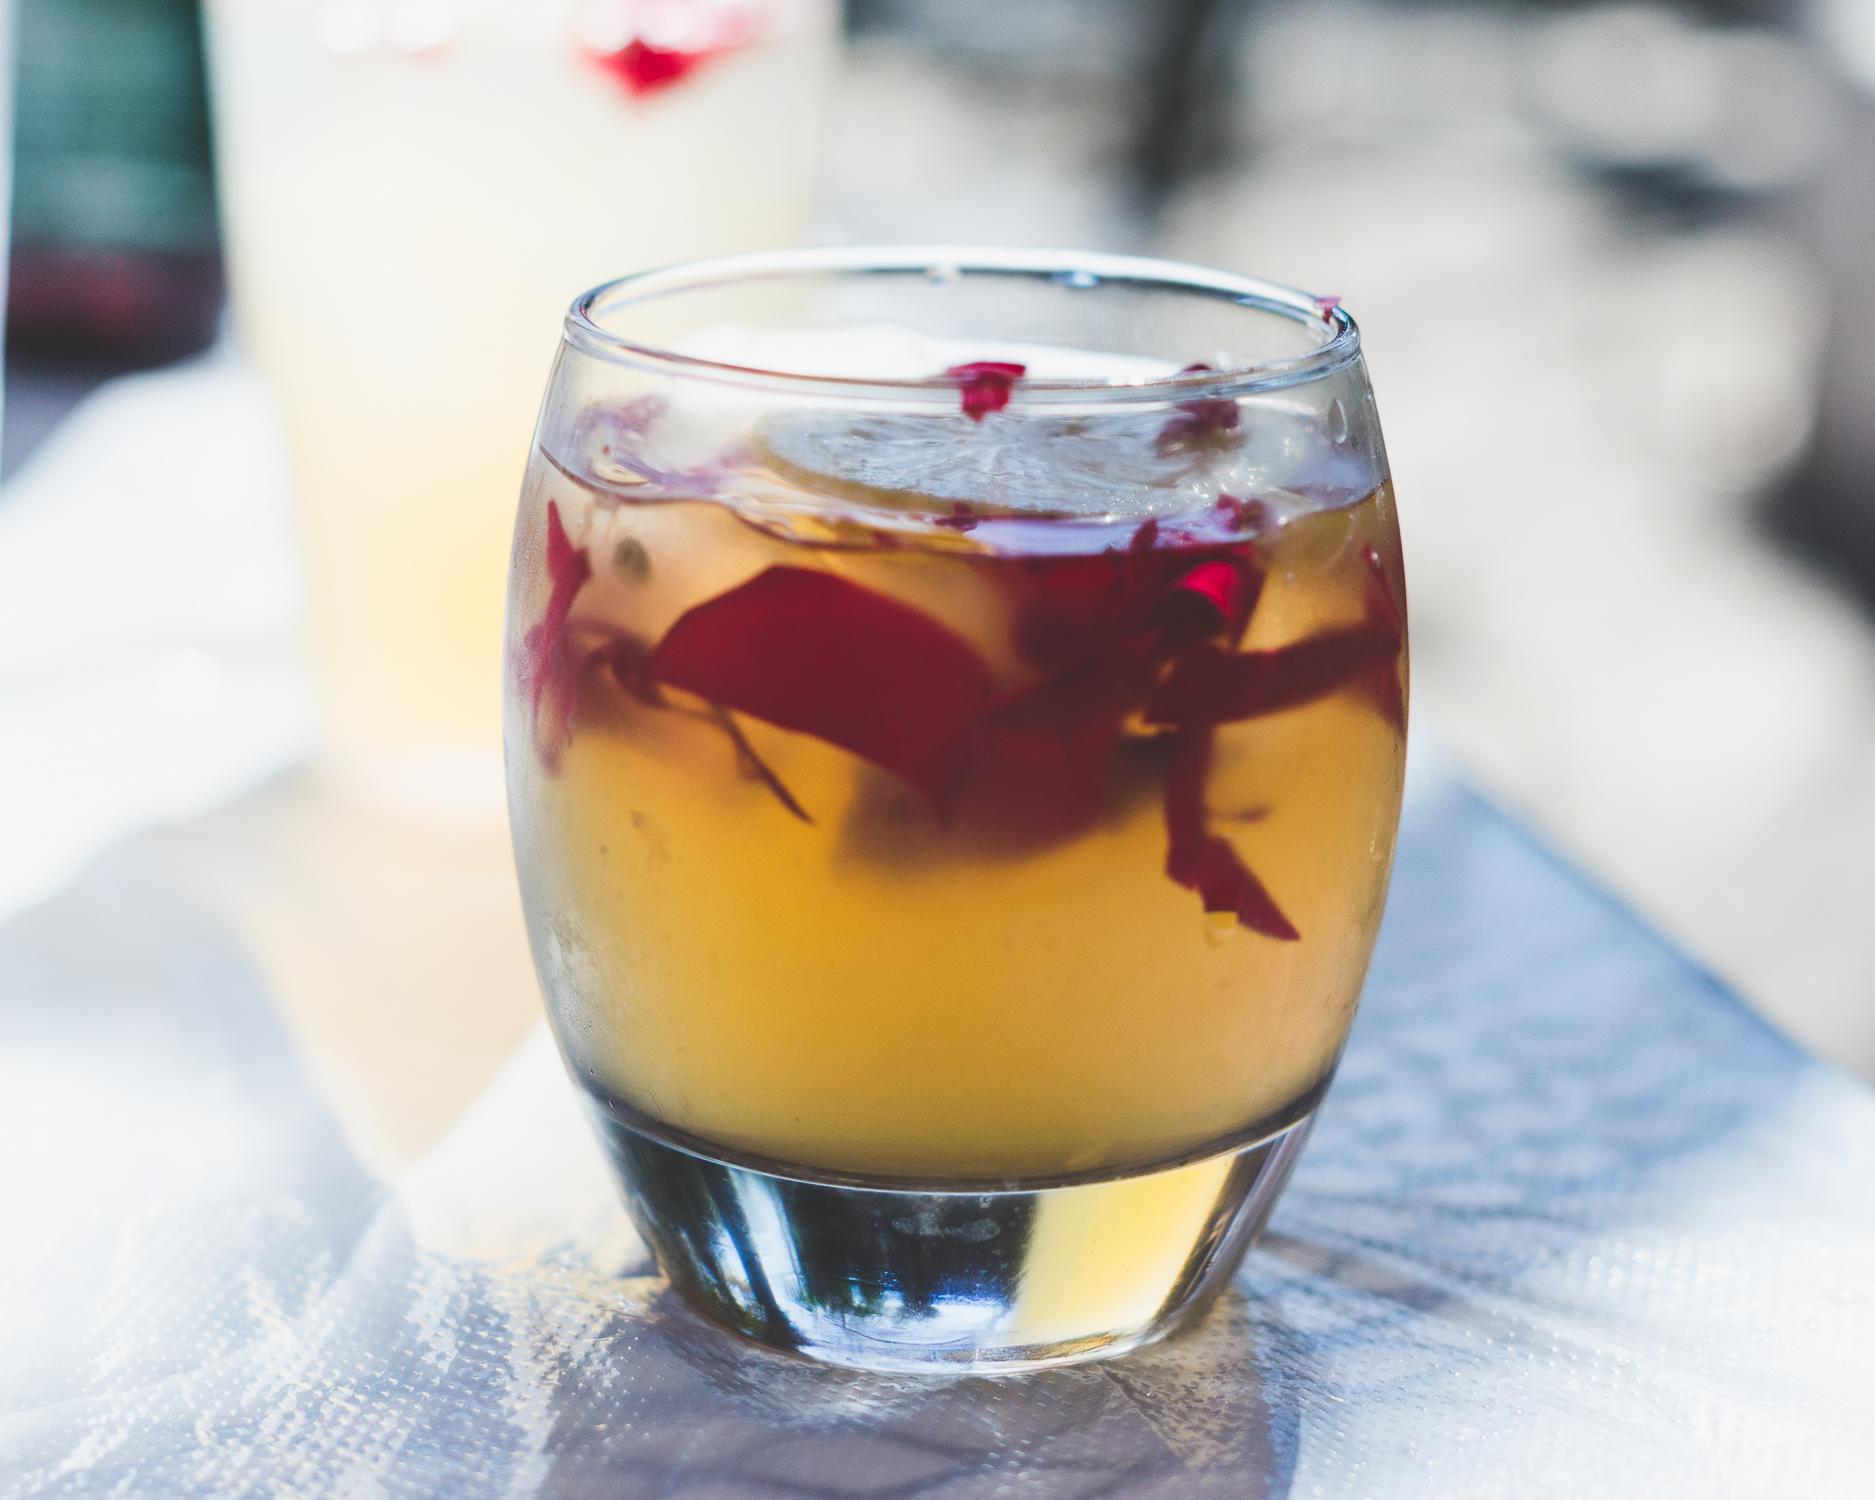 Rose petal lemonade at Vegeria in San Antonio / 2/13/16 / San Antonio, TX